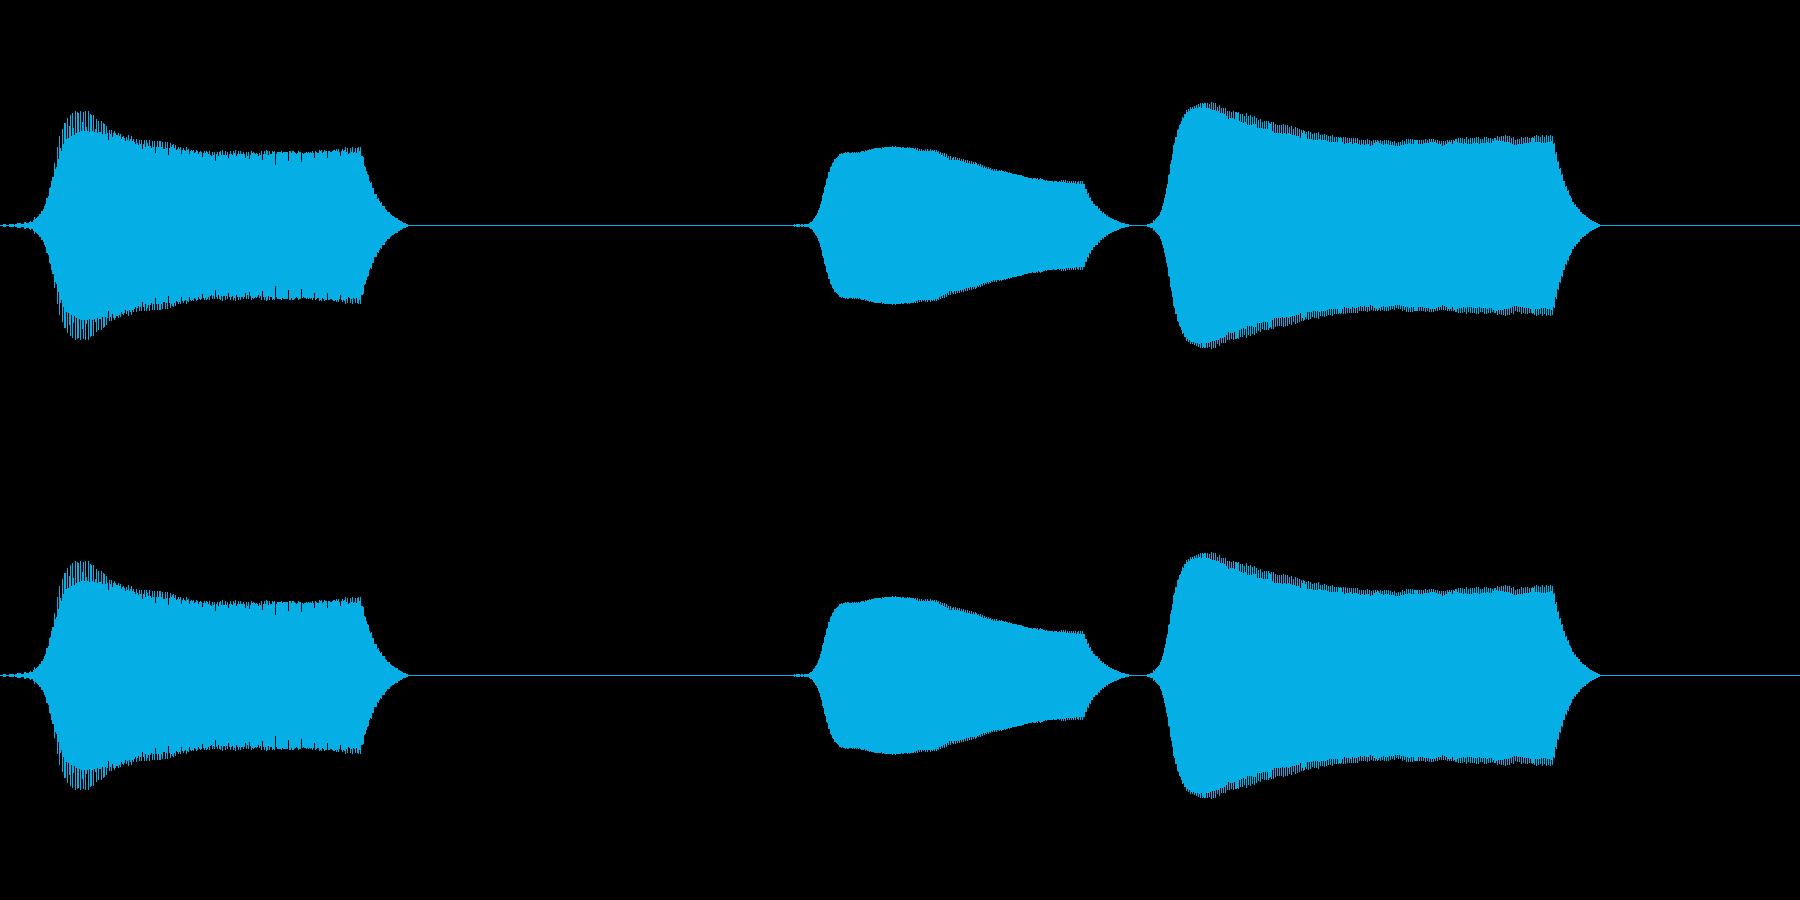 ポッポポ(単音リコーダーのオチ)の再生済みの波形